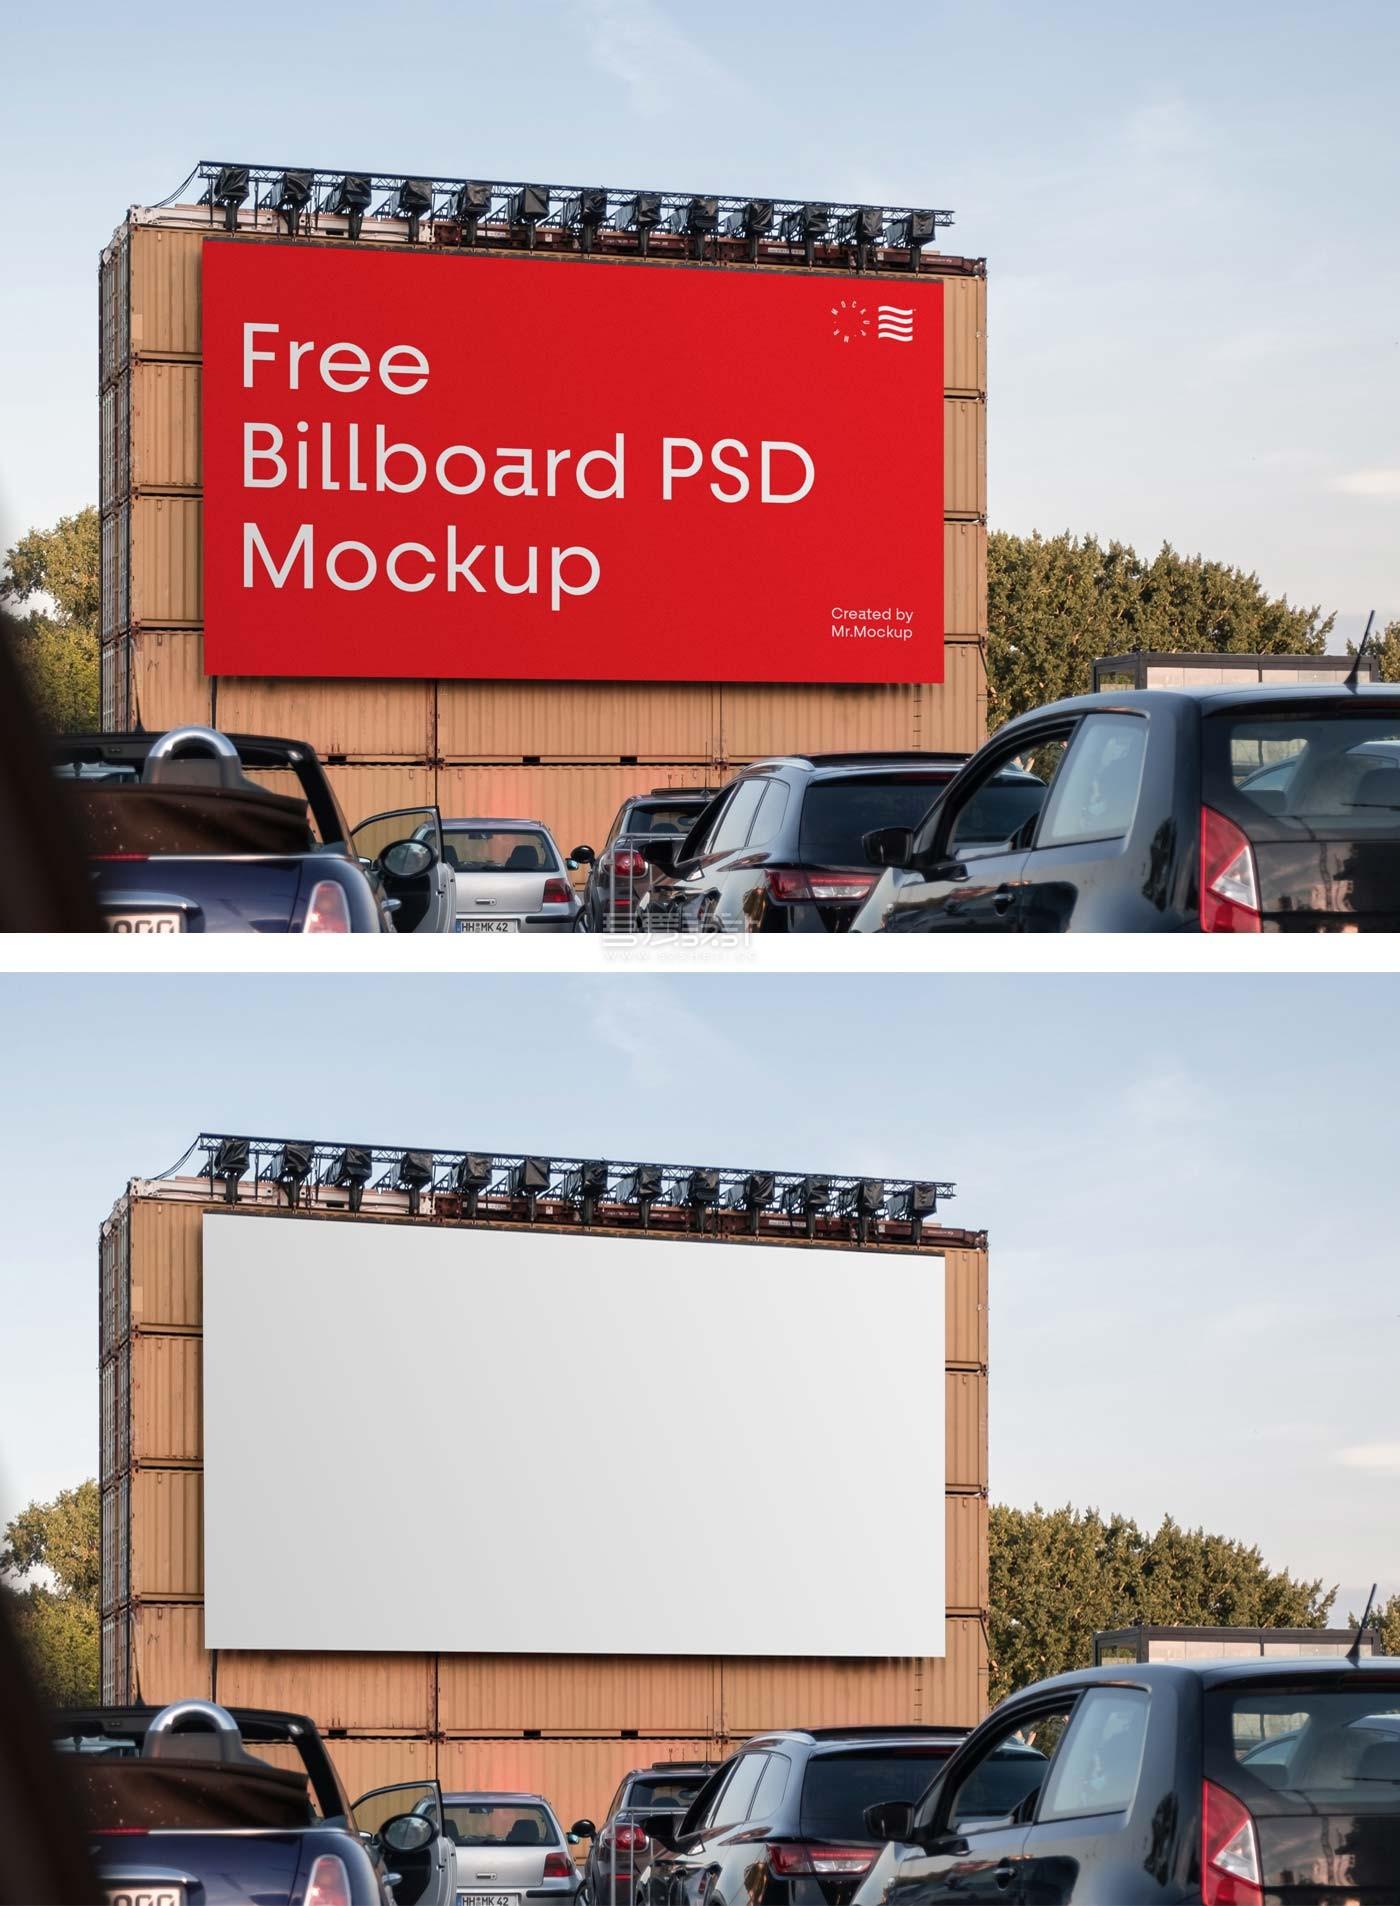 Big-Bilboard-PSD-Mockup